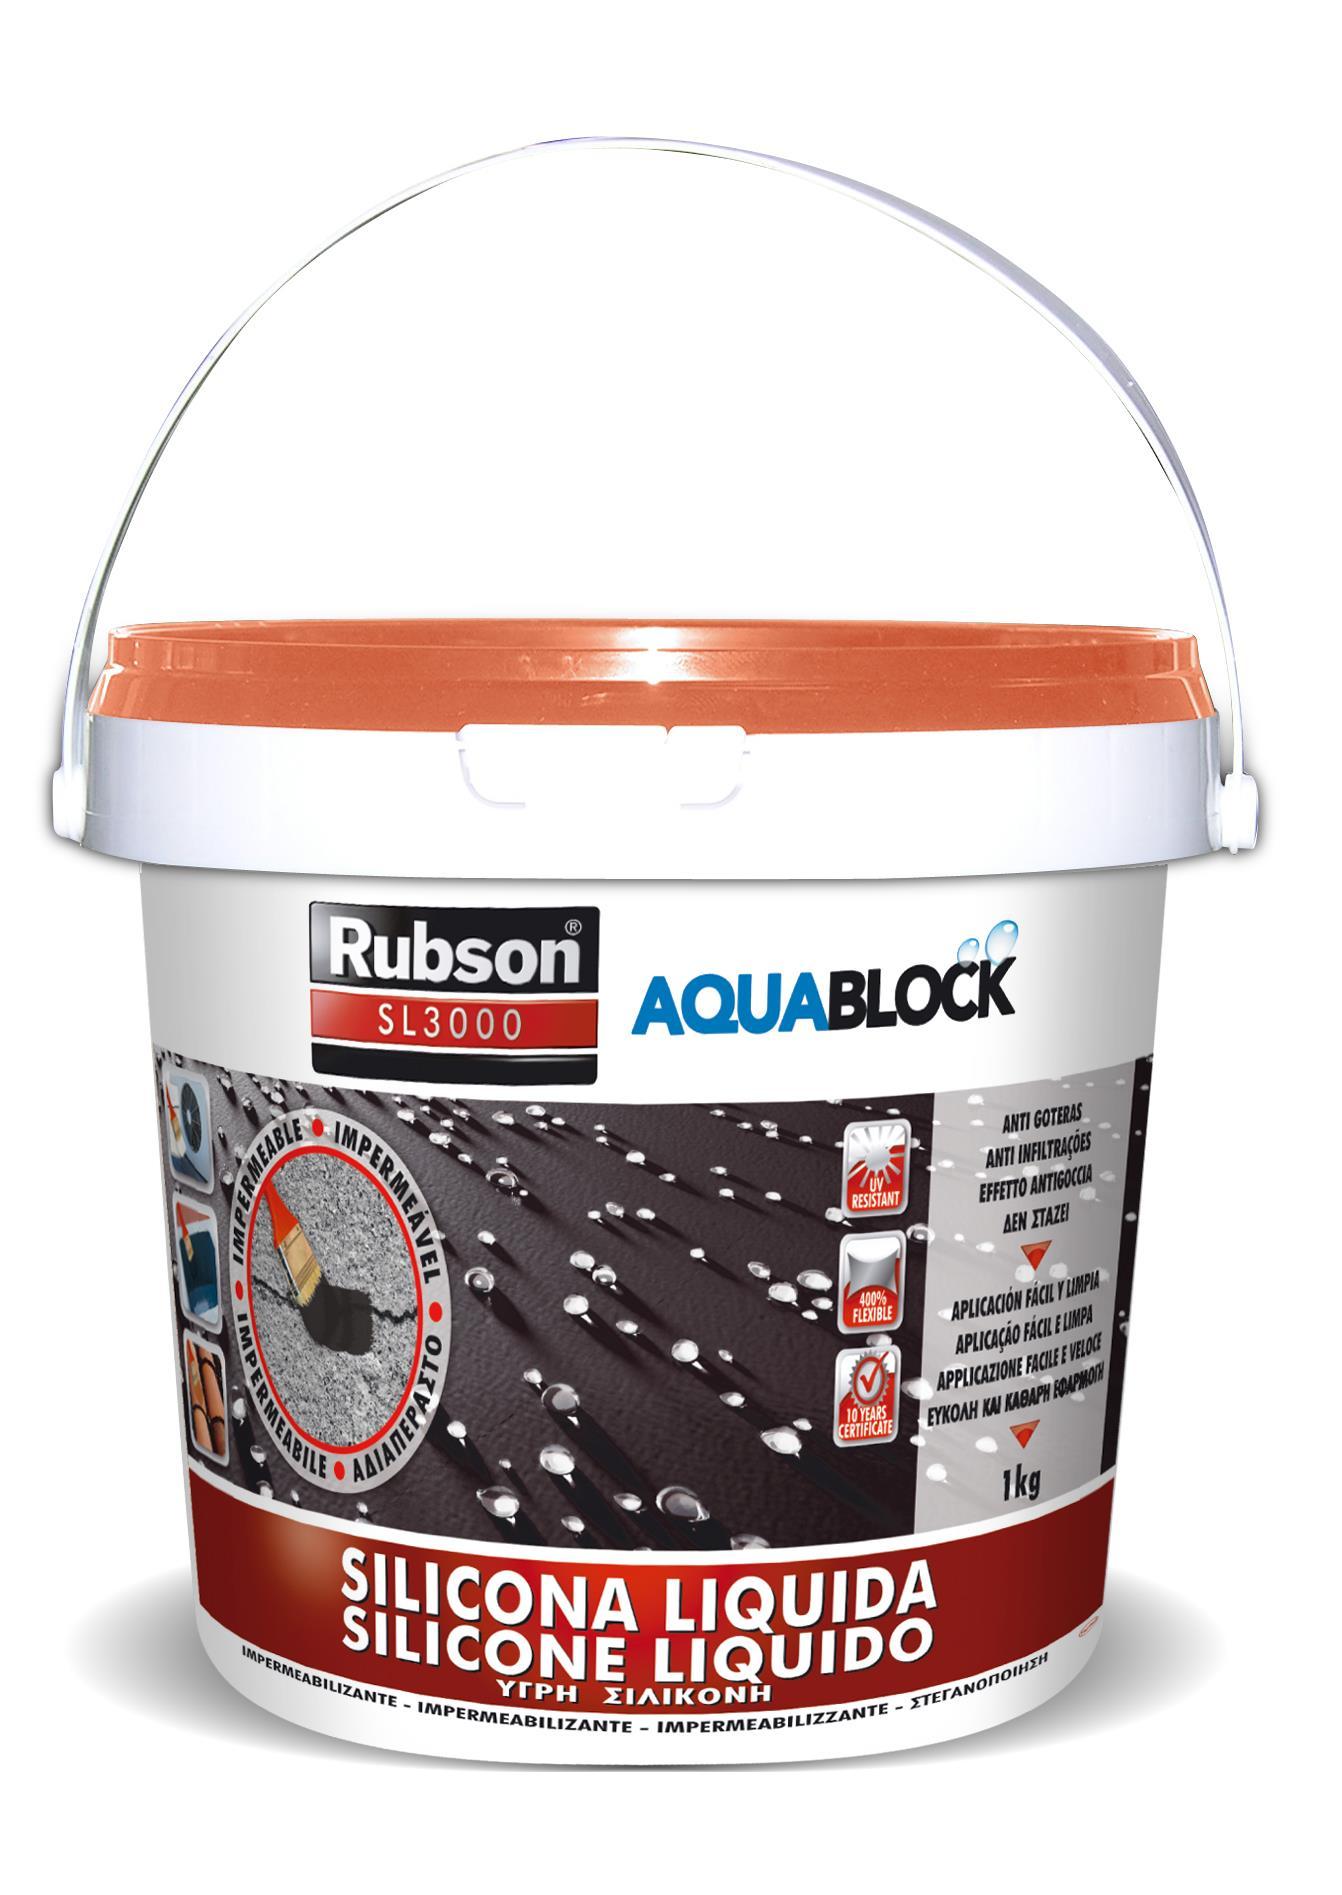 Rubson Silicone liquido 1kg Terracotta impermeabilizza protezione tetti Aquablock